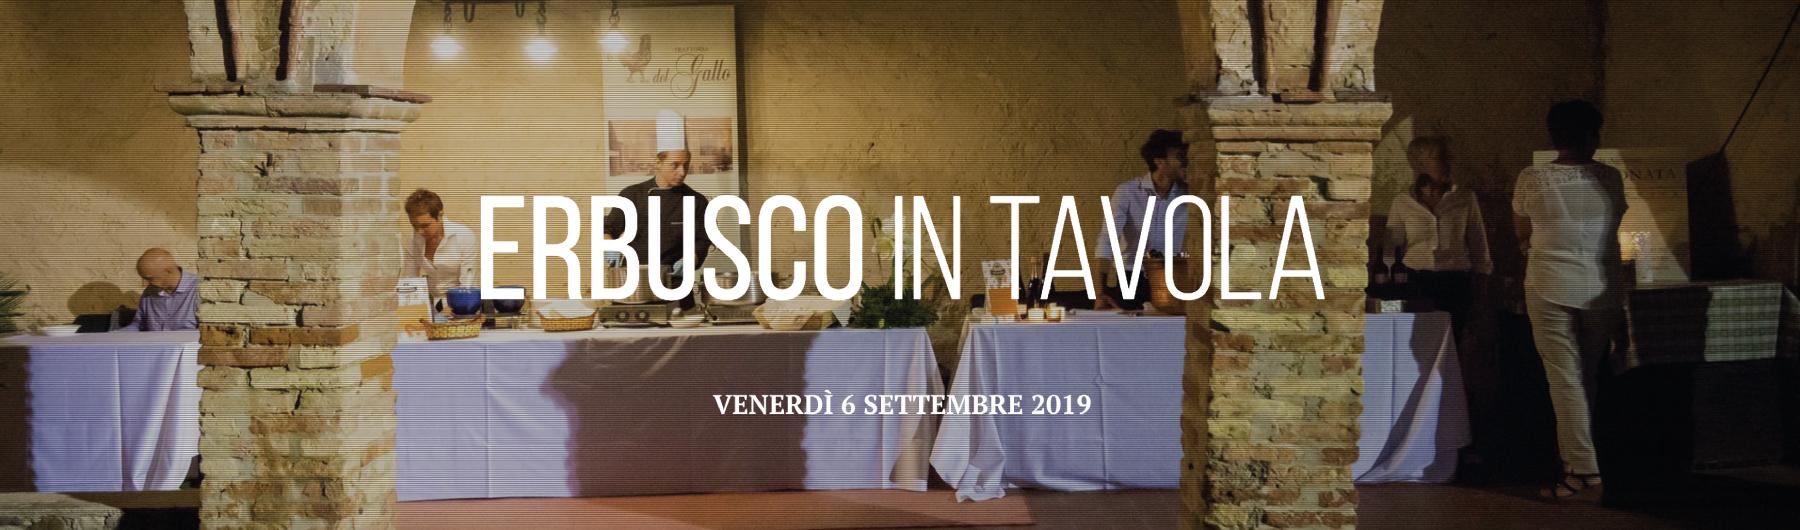 Erbusco in Tavola 2019